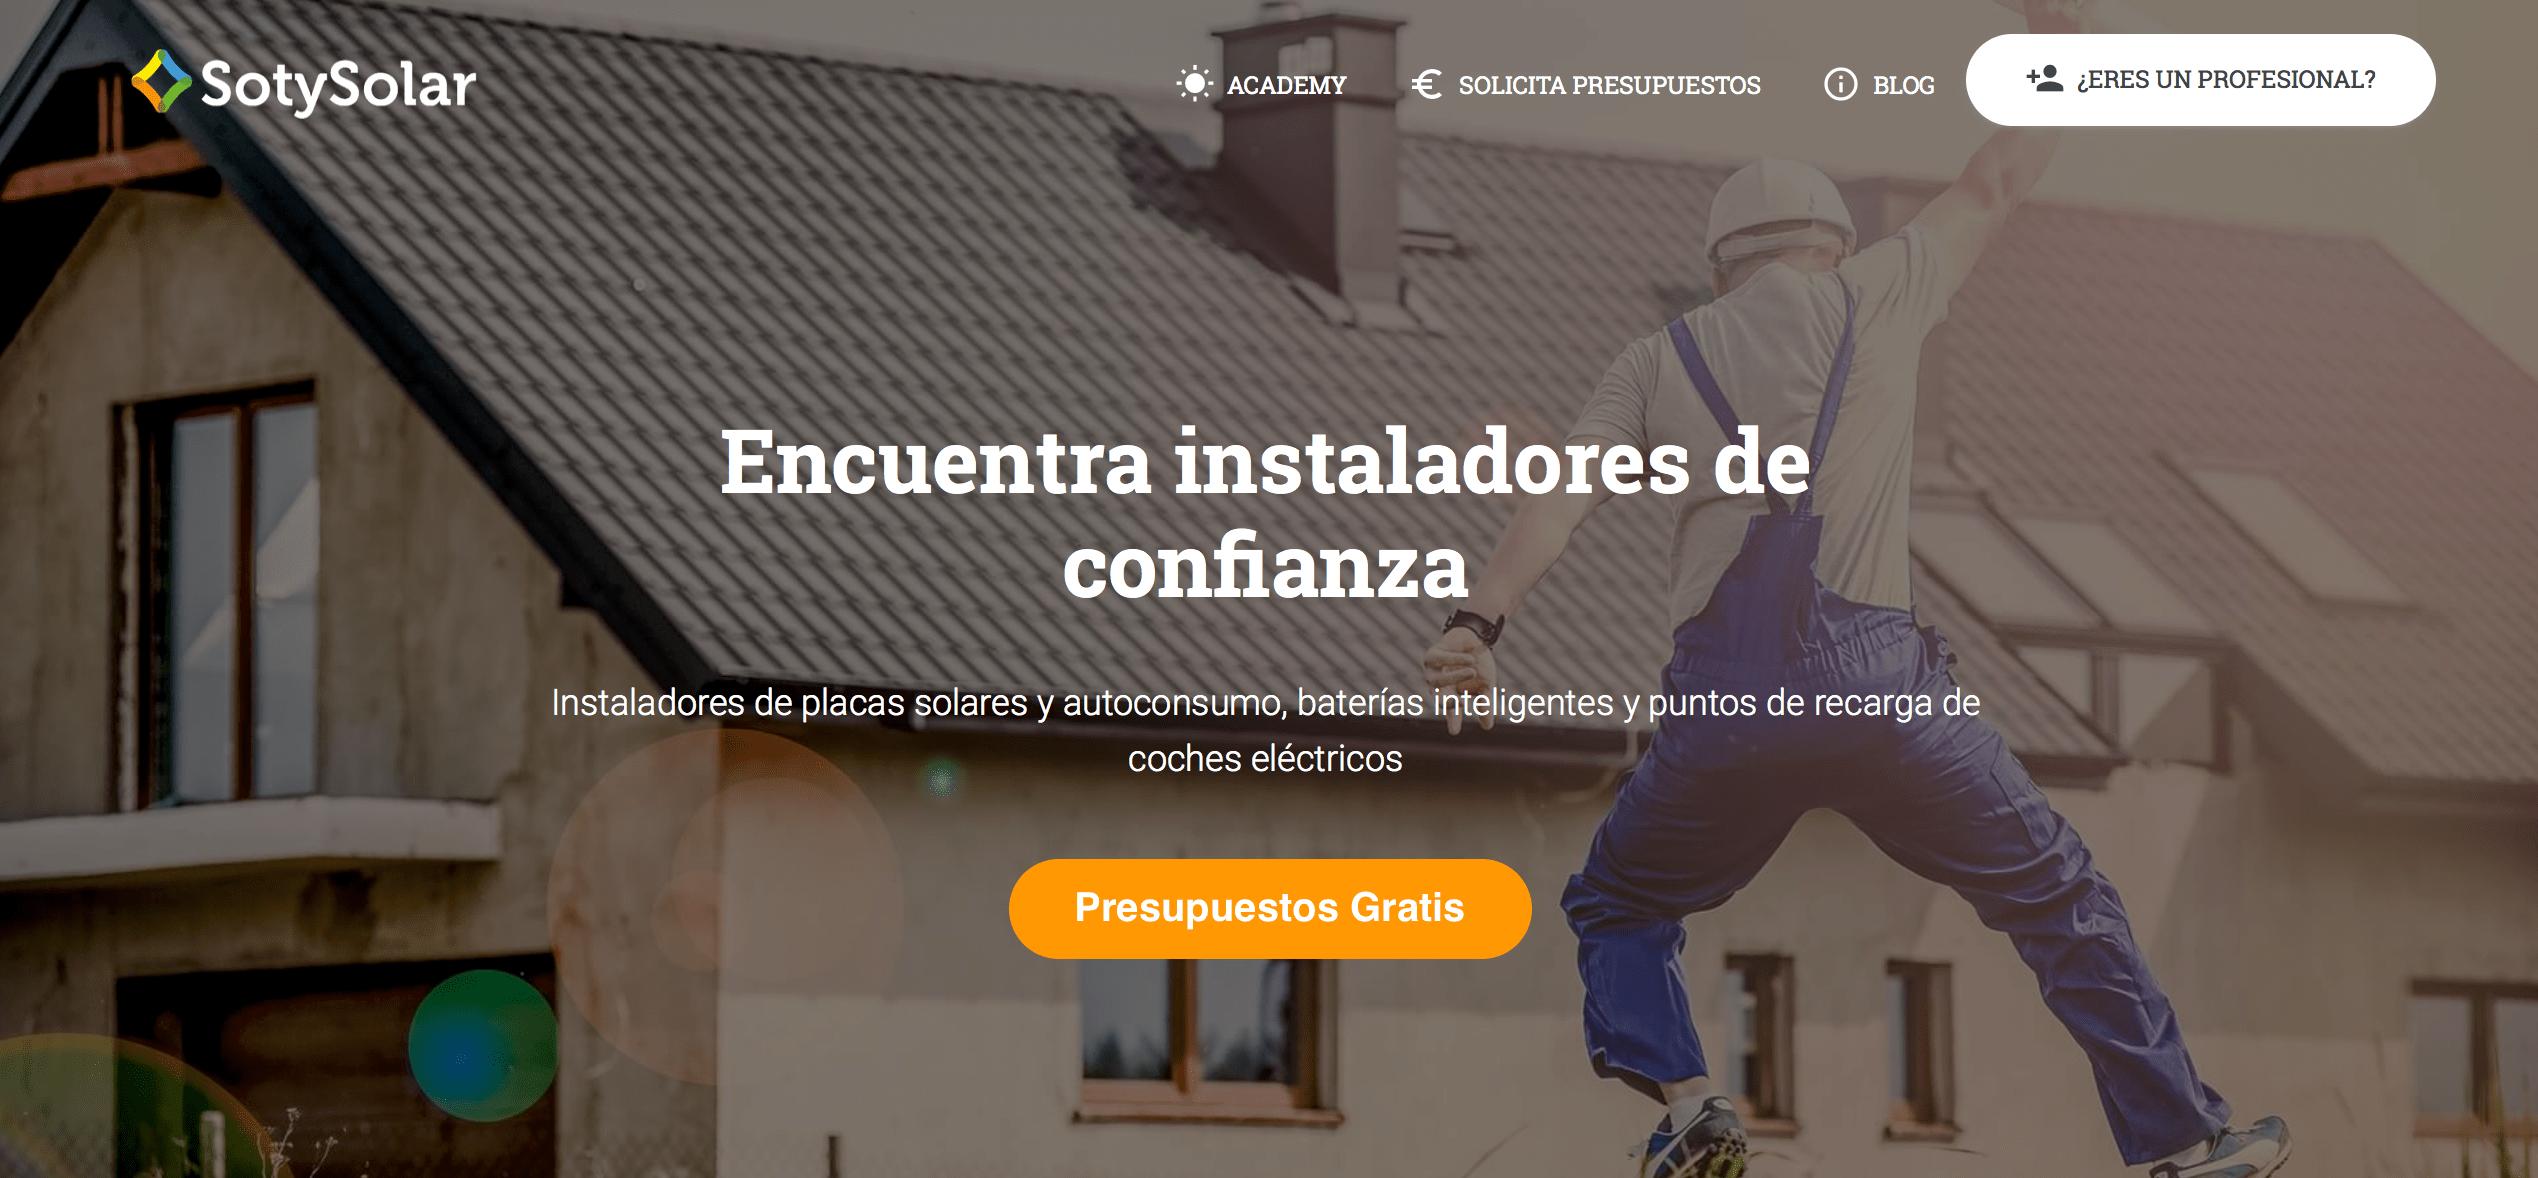 alt - https://static.comunicae.com/photos/notas/1195059/1524569257_sotysolar_autoconsumo_placas_solares.png